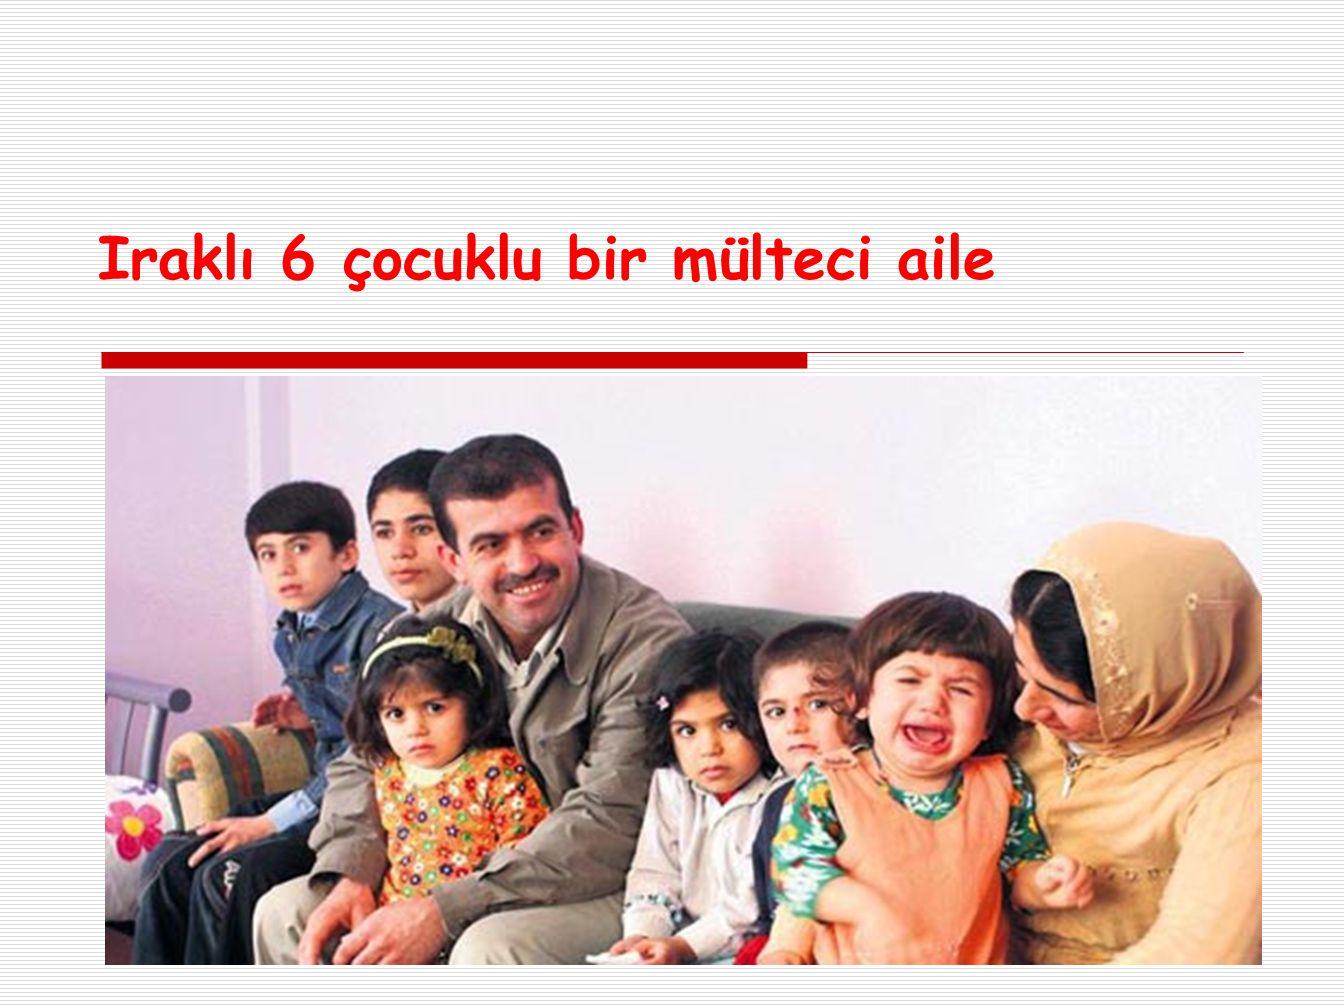 Iraklı 6 çocuklu bir mülteci aile